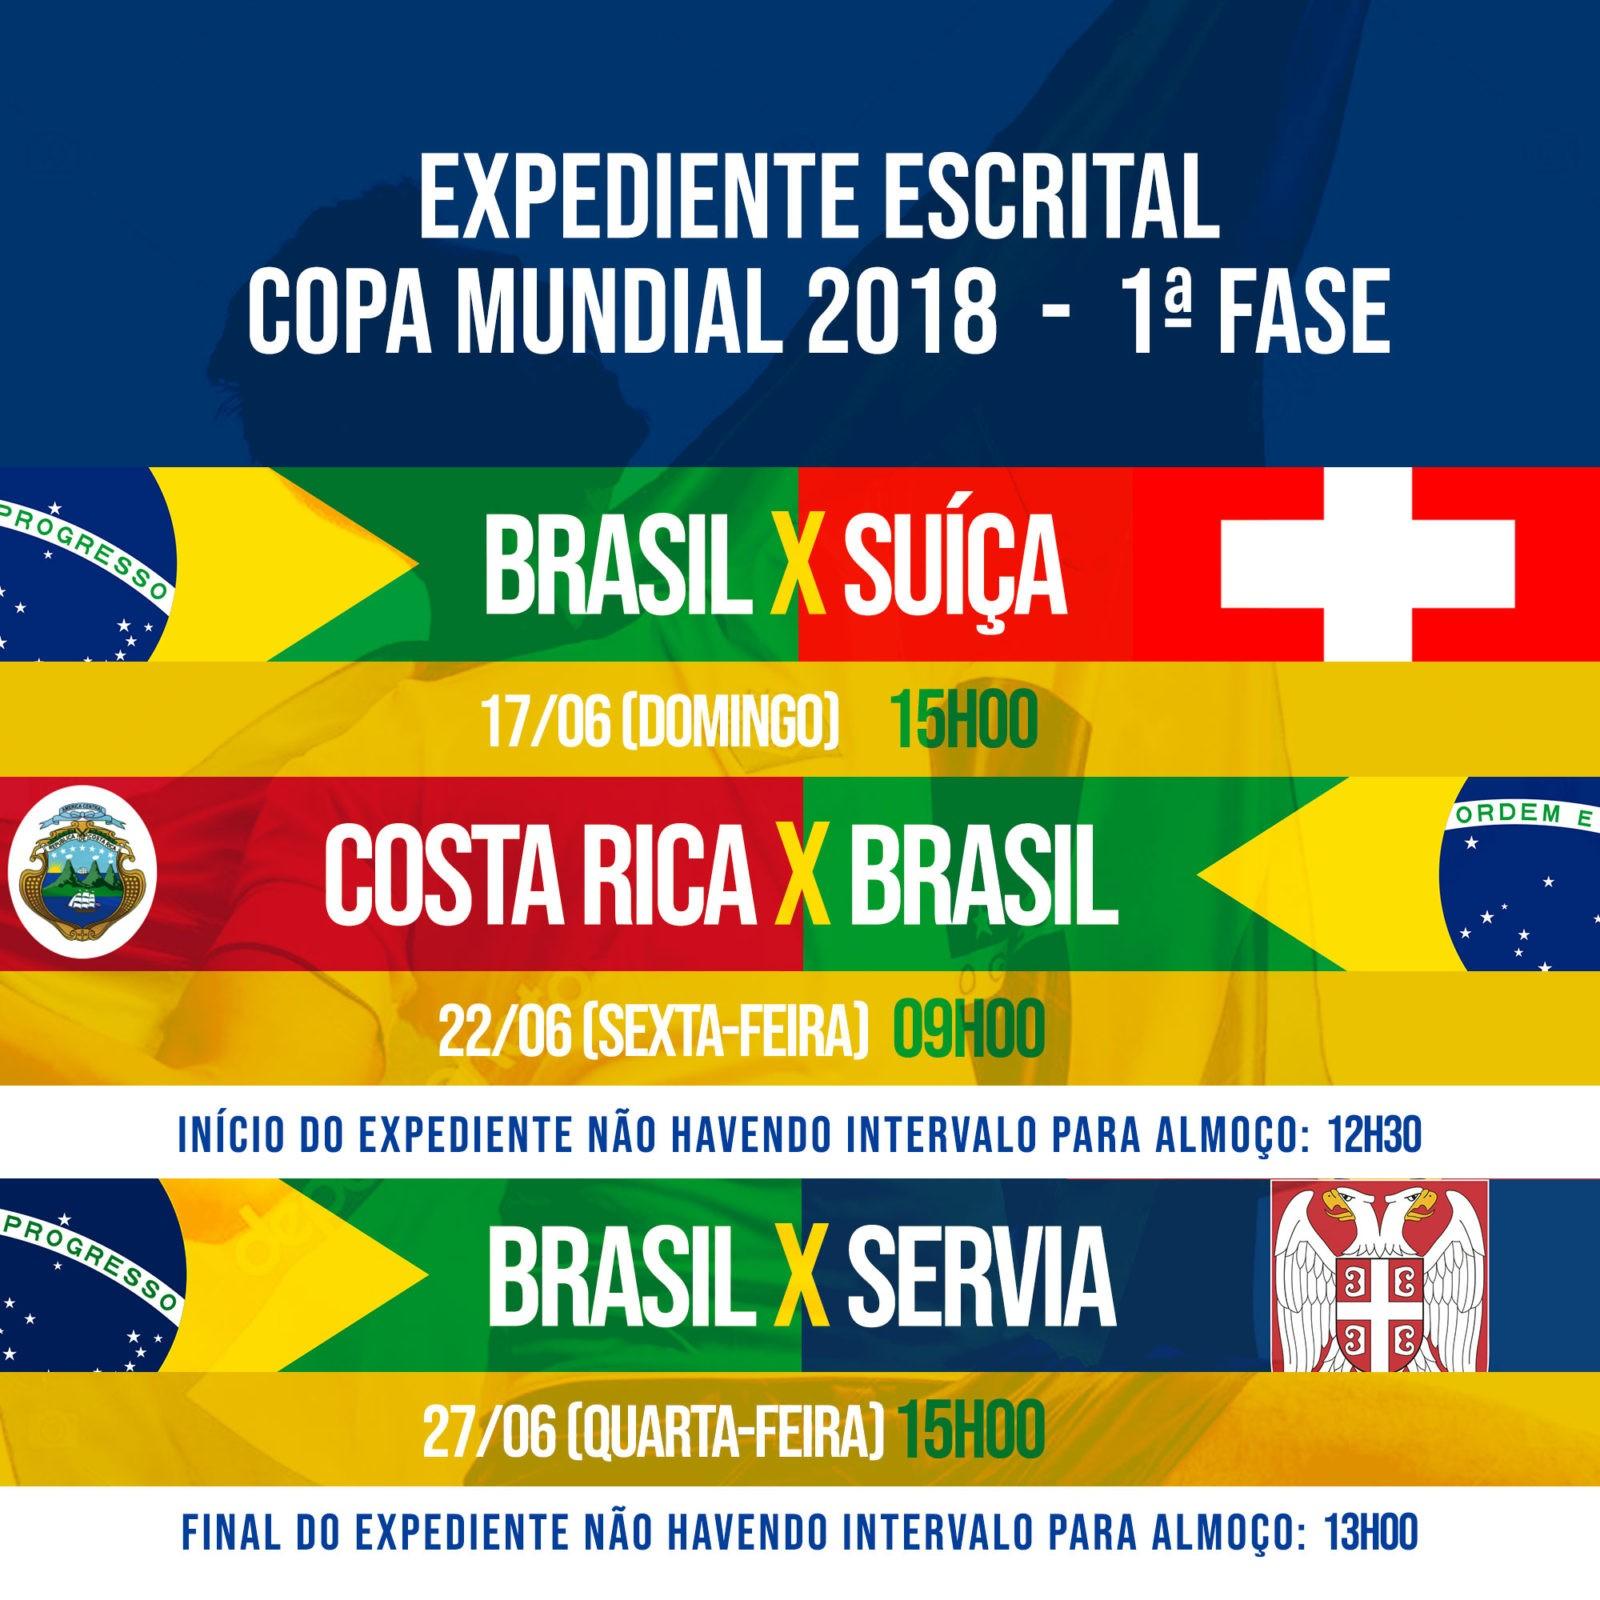 Expediente Escrital copa do mundo 2018